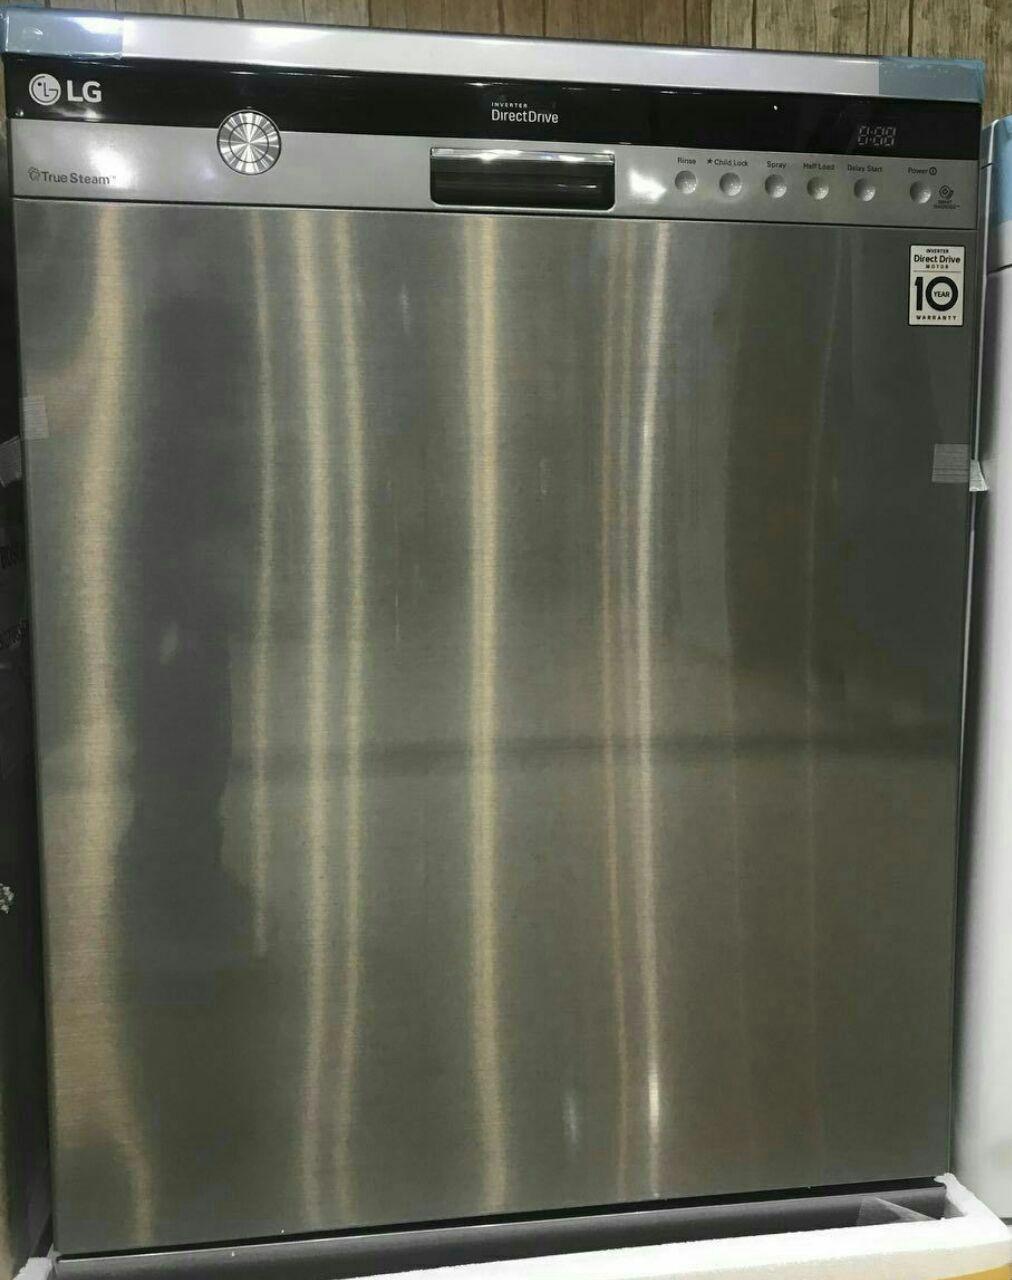 ظرفشویی 14 نفره الجی کره مدل 1444 با برنامه های متنوع شستشو و خشک کن